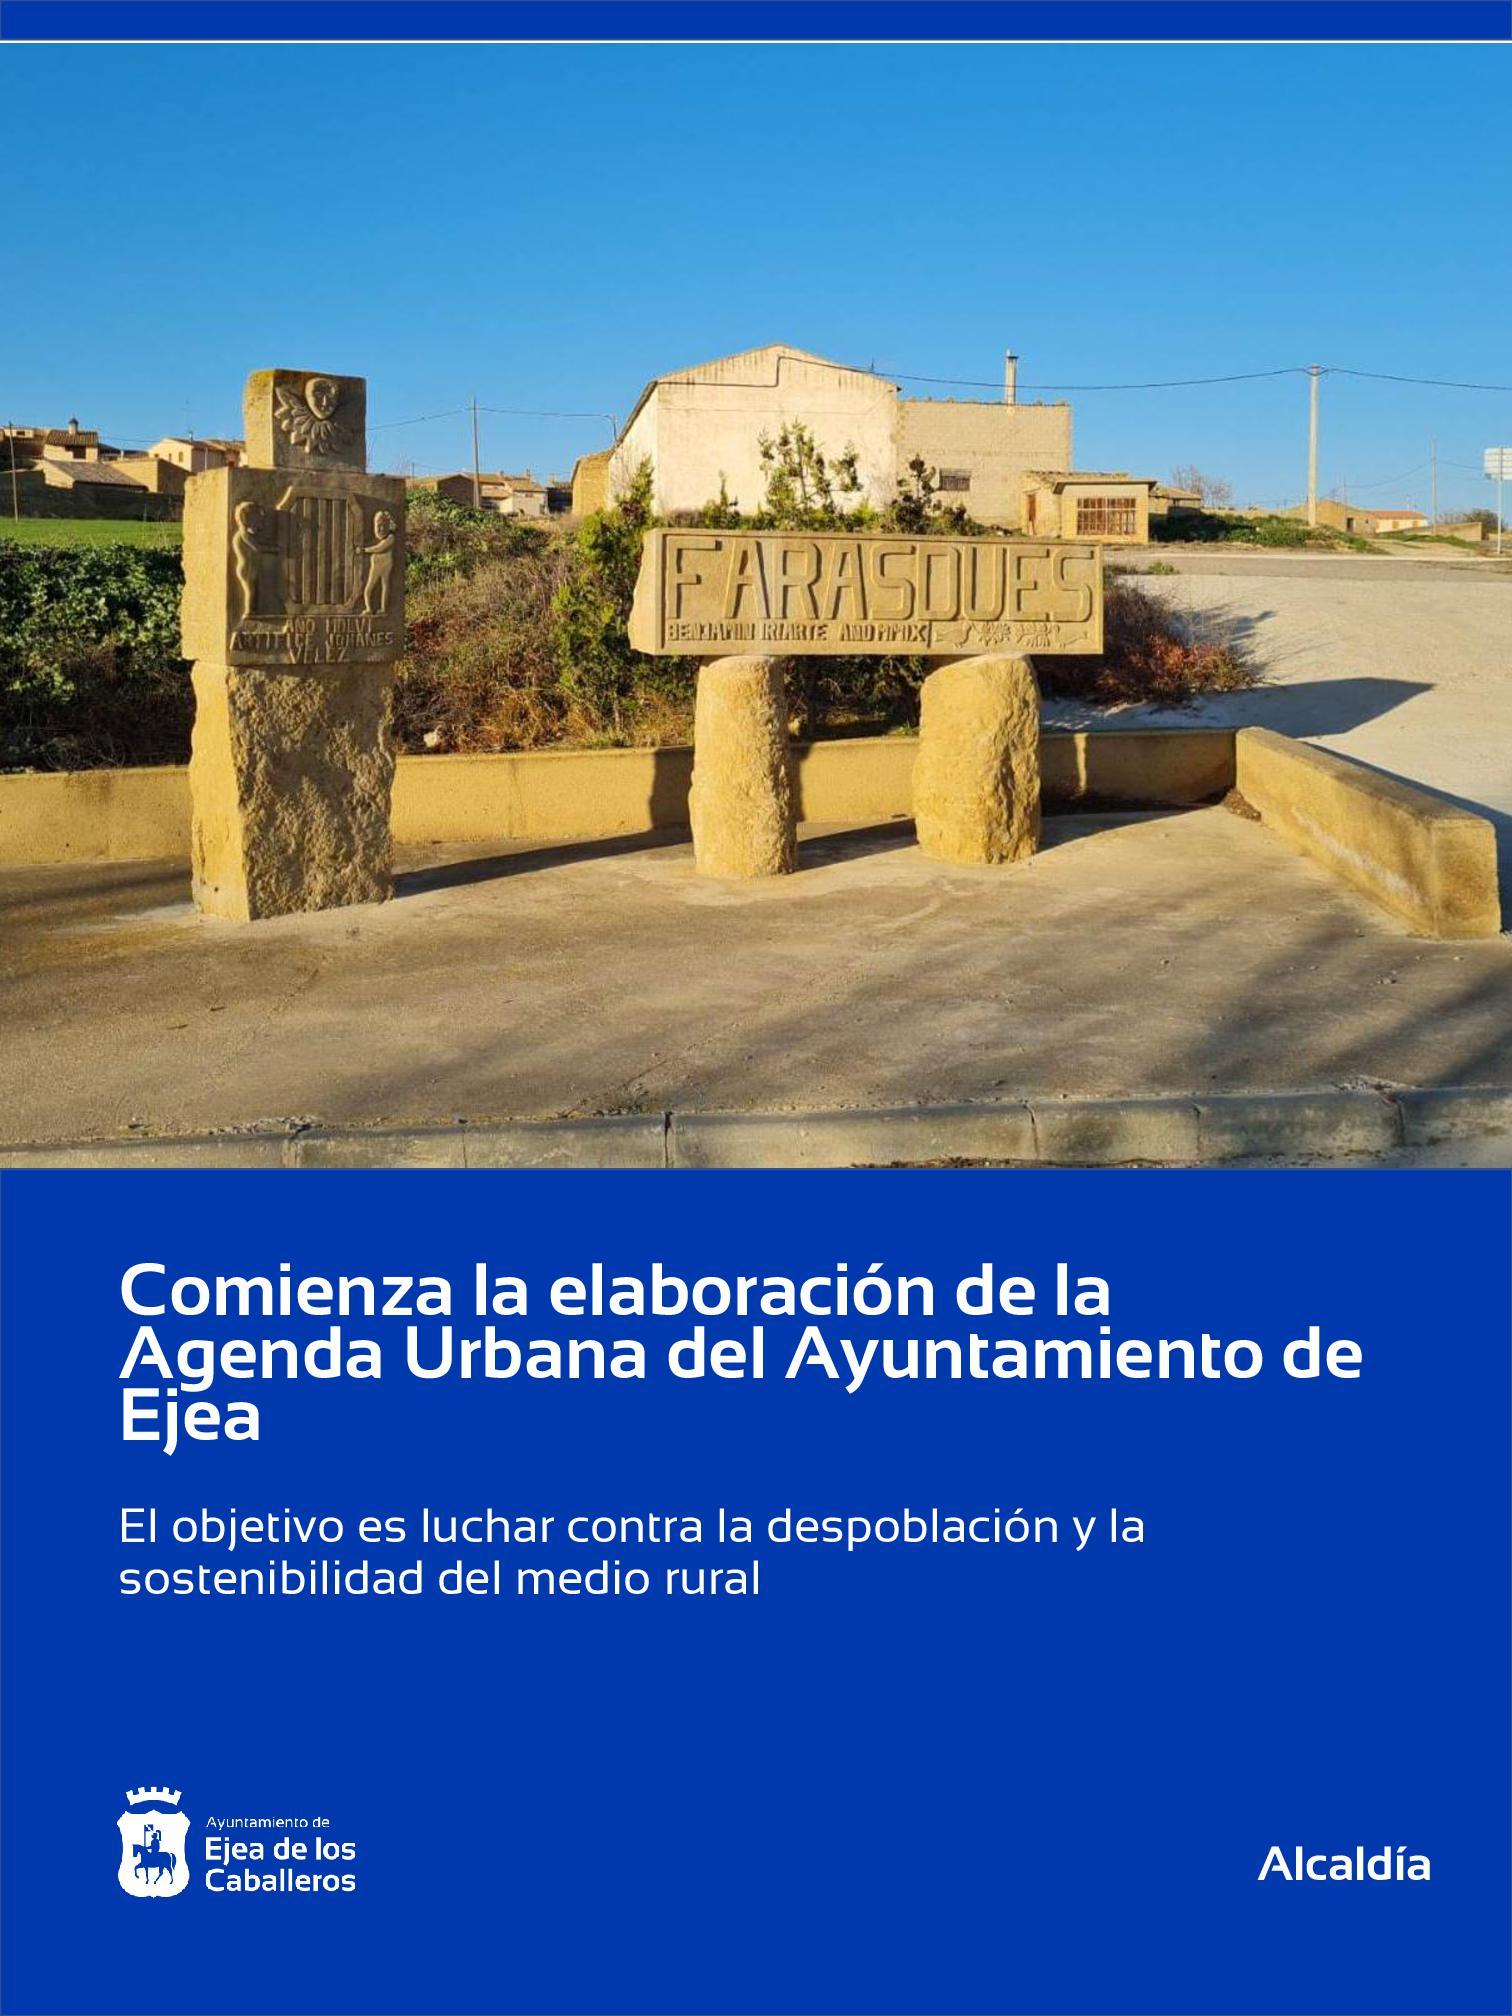 El Ayuntamiento de Ejea de los Caballeros comienza con la elaboración de su Agenda Urbana